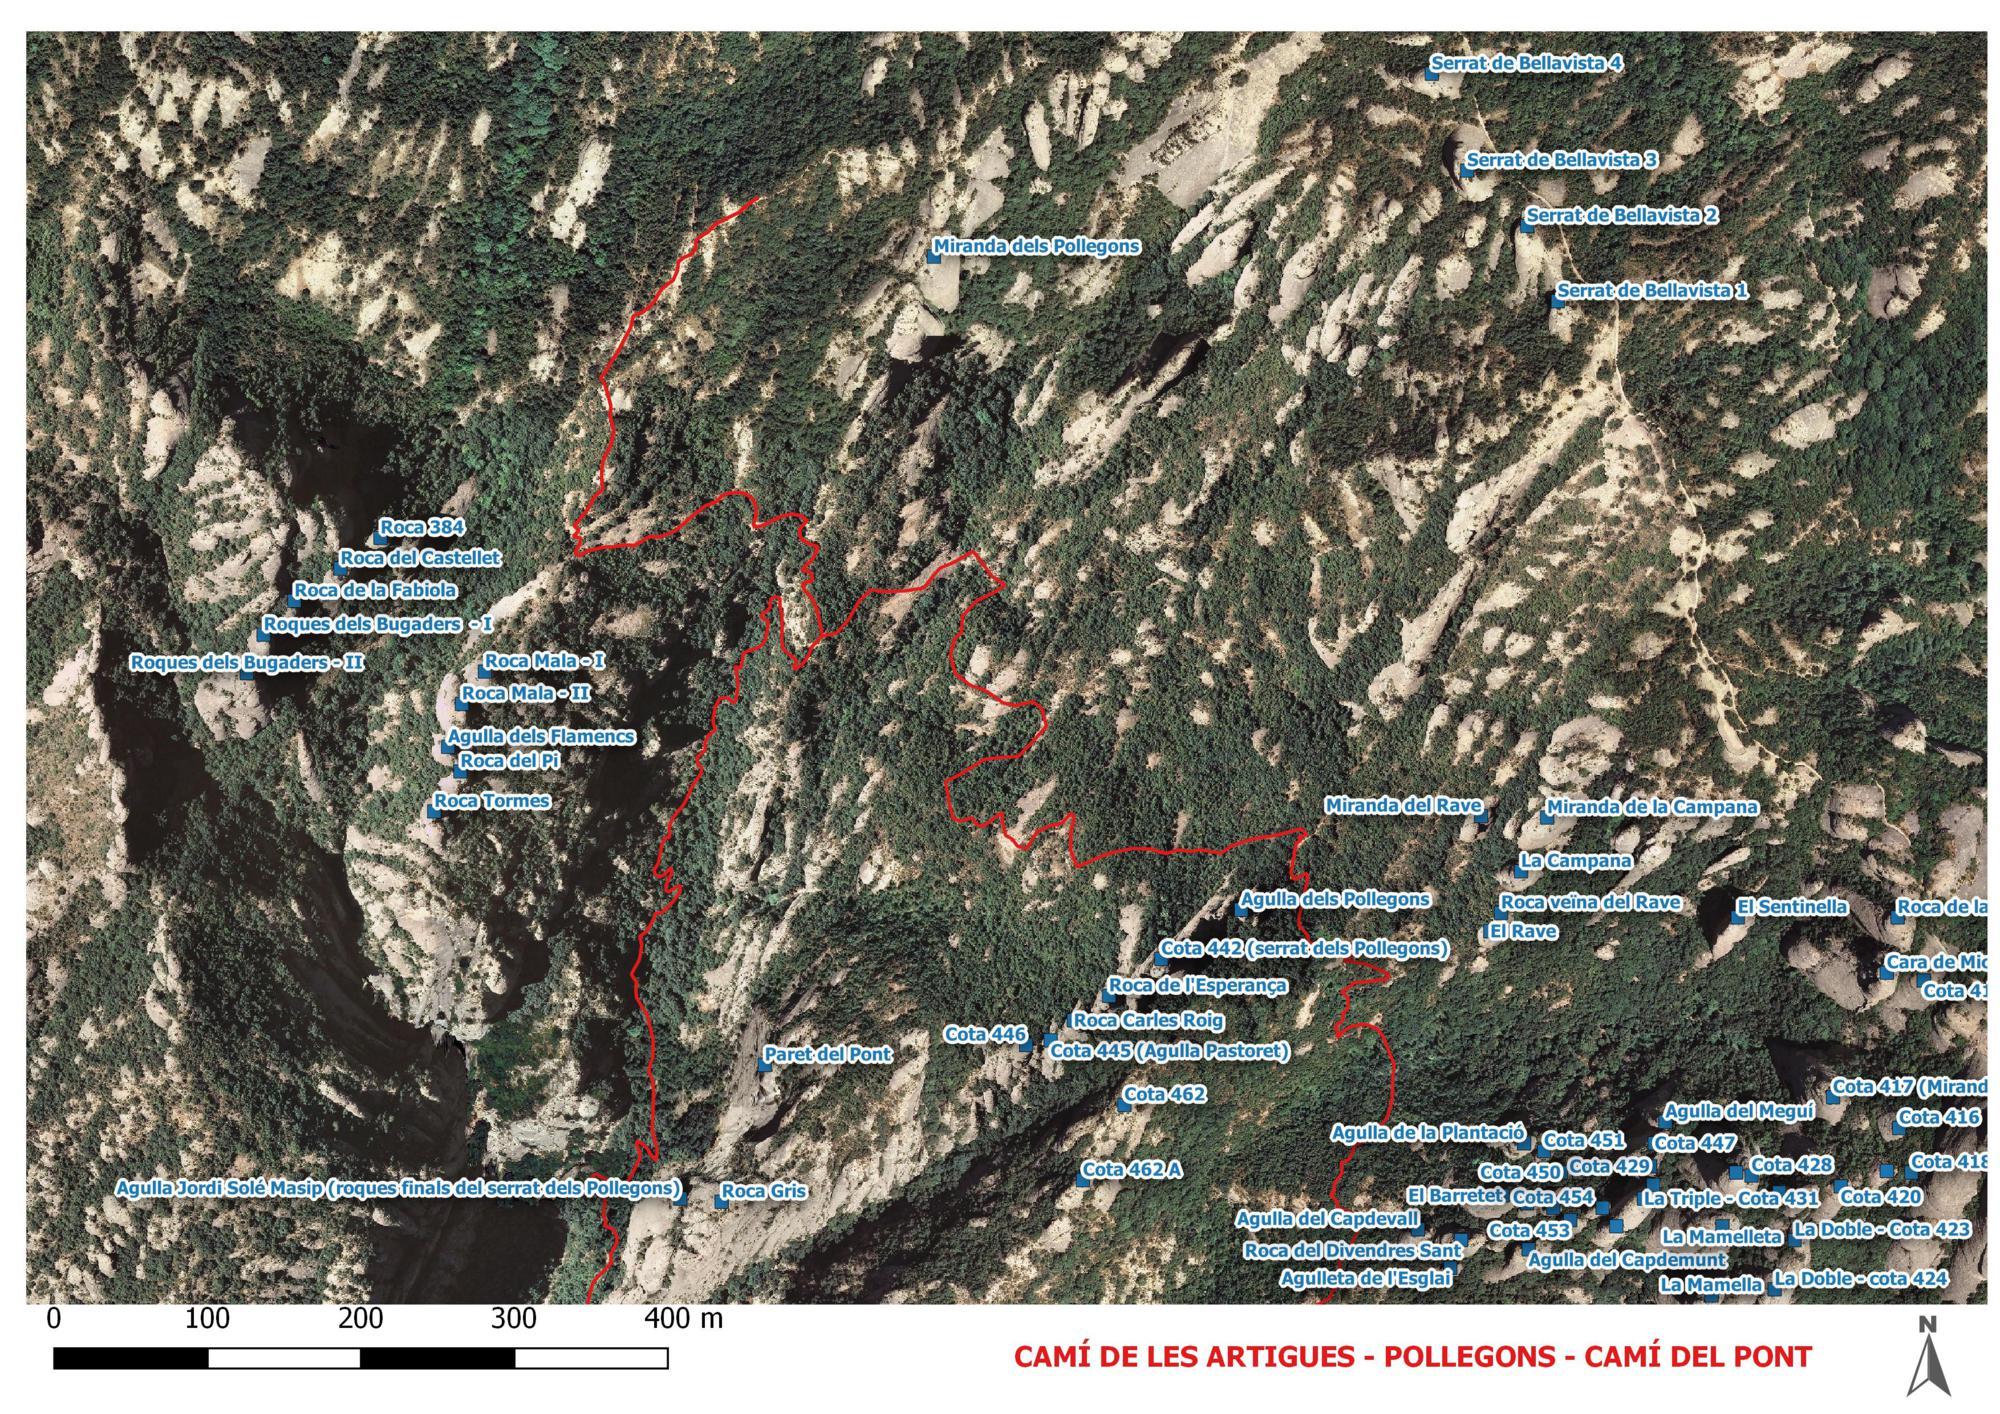 Cami Artigues - Cami del Pont 8 2000x1414